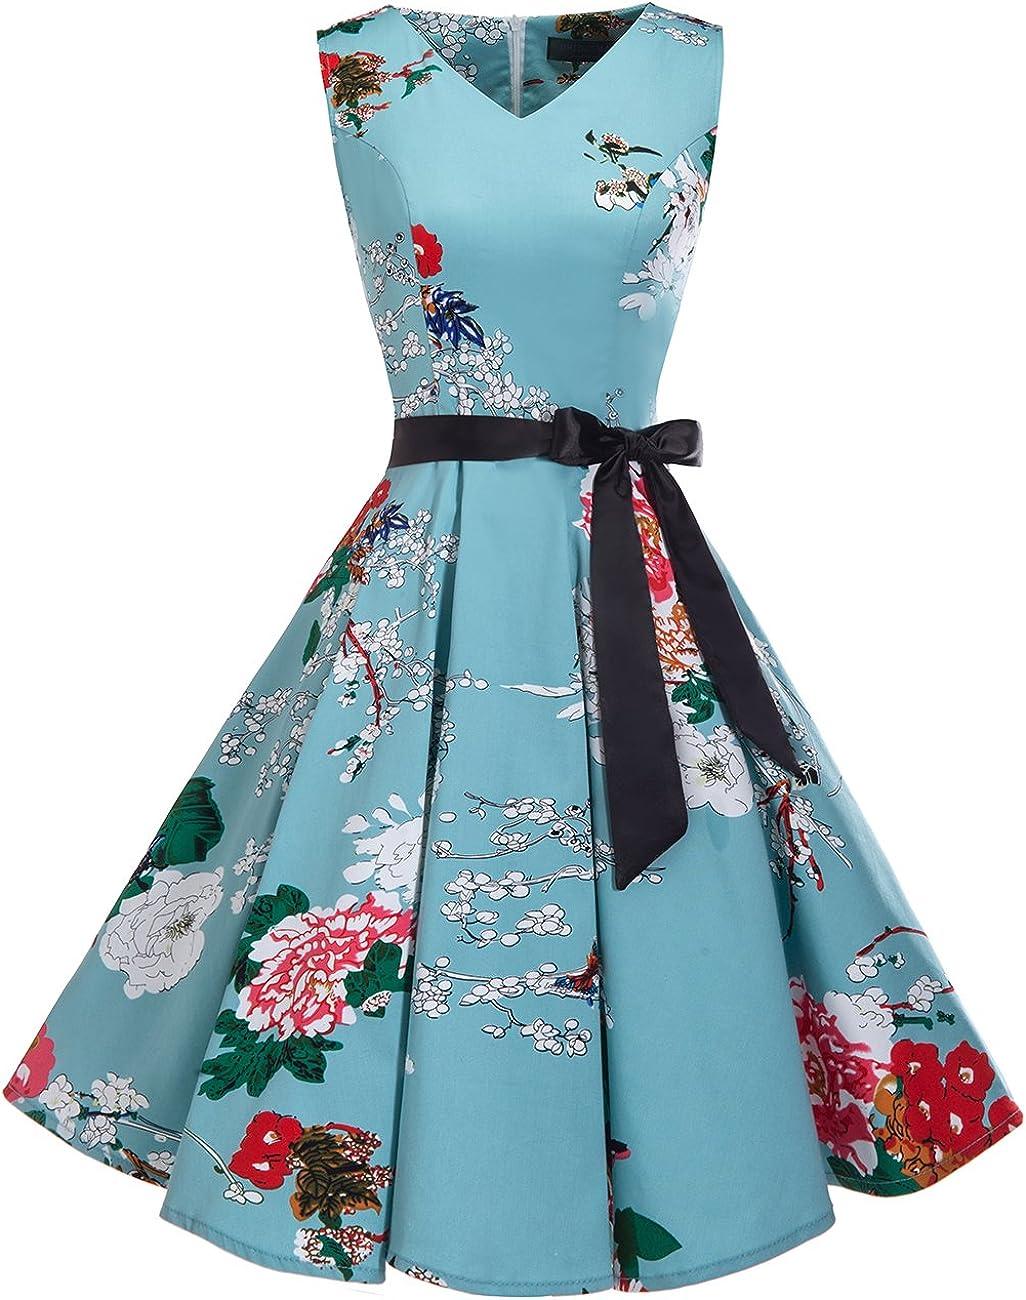 TALLA M. Bridesmay Vestido de Cóctel Fiesta Mujer Verano Años 50 Vintage Rockabilly Sin Mangas Pin Up Floral